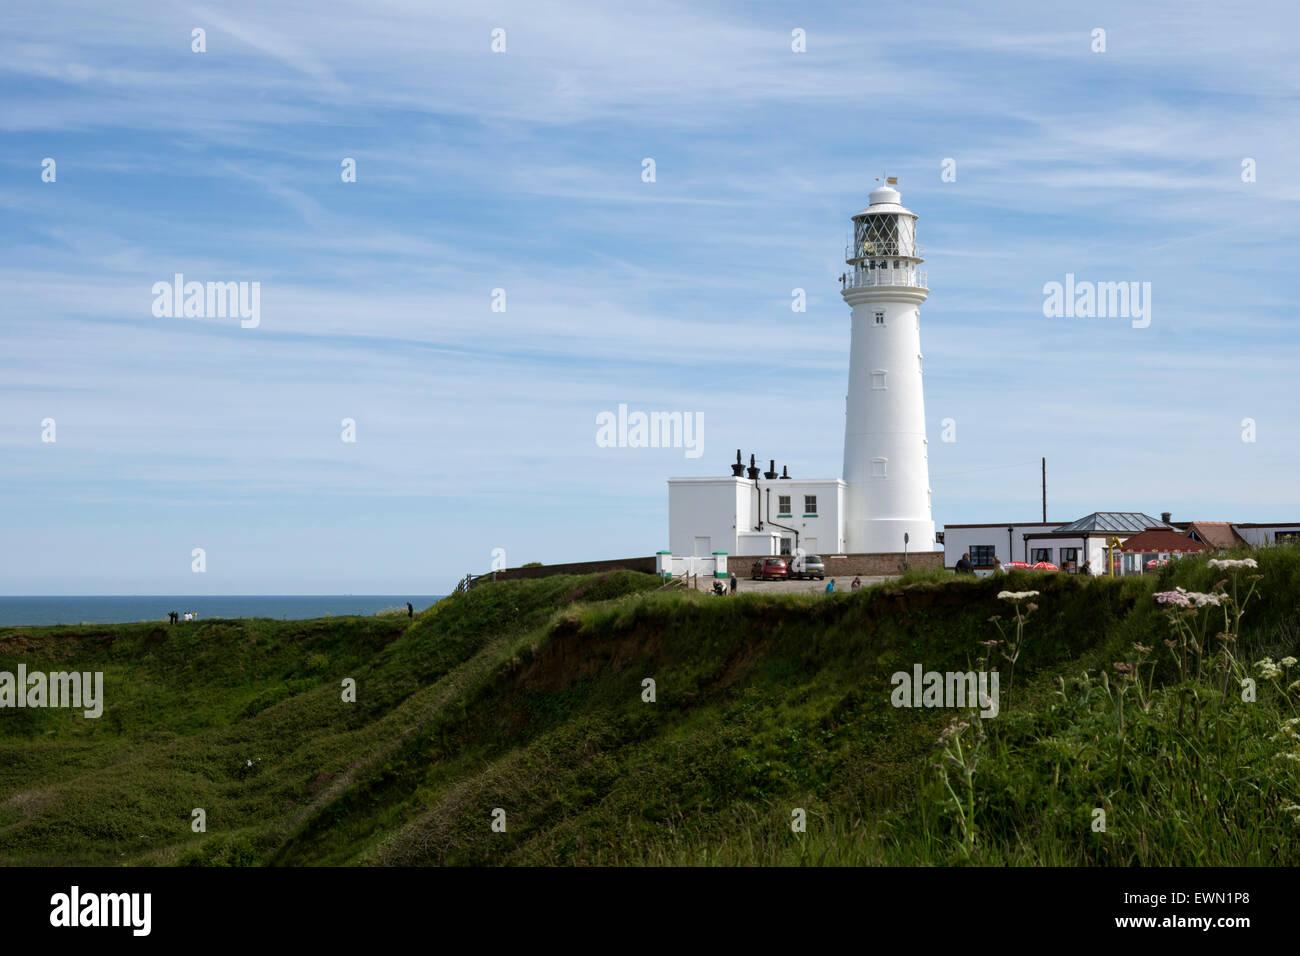 Lighthouse, Flamborough Head, Yorkshire - Stock Image